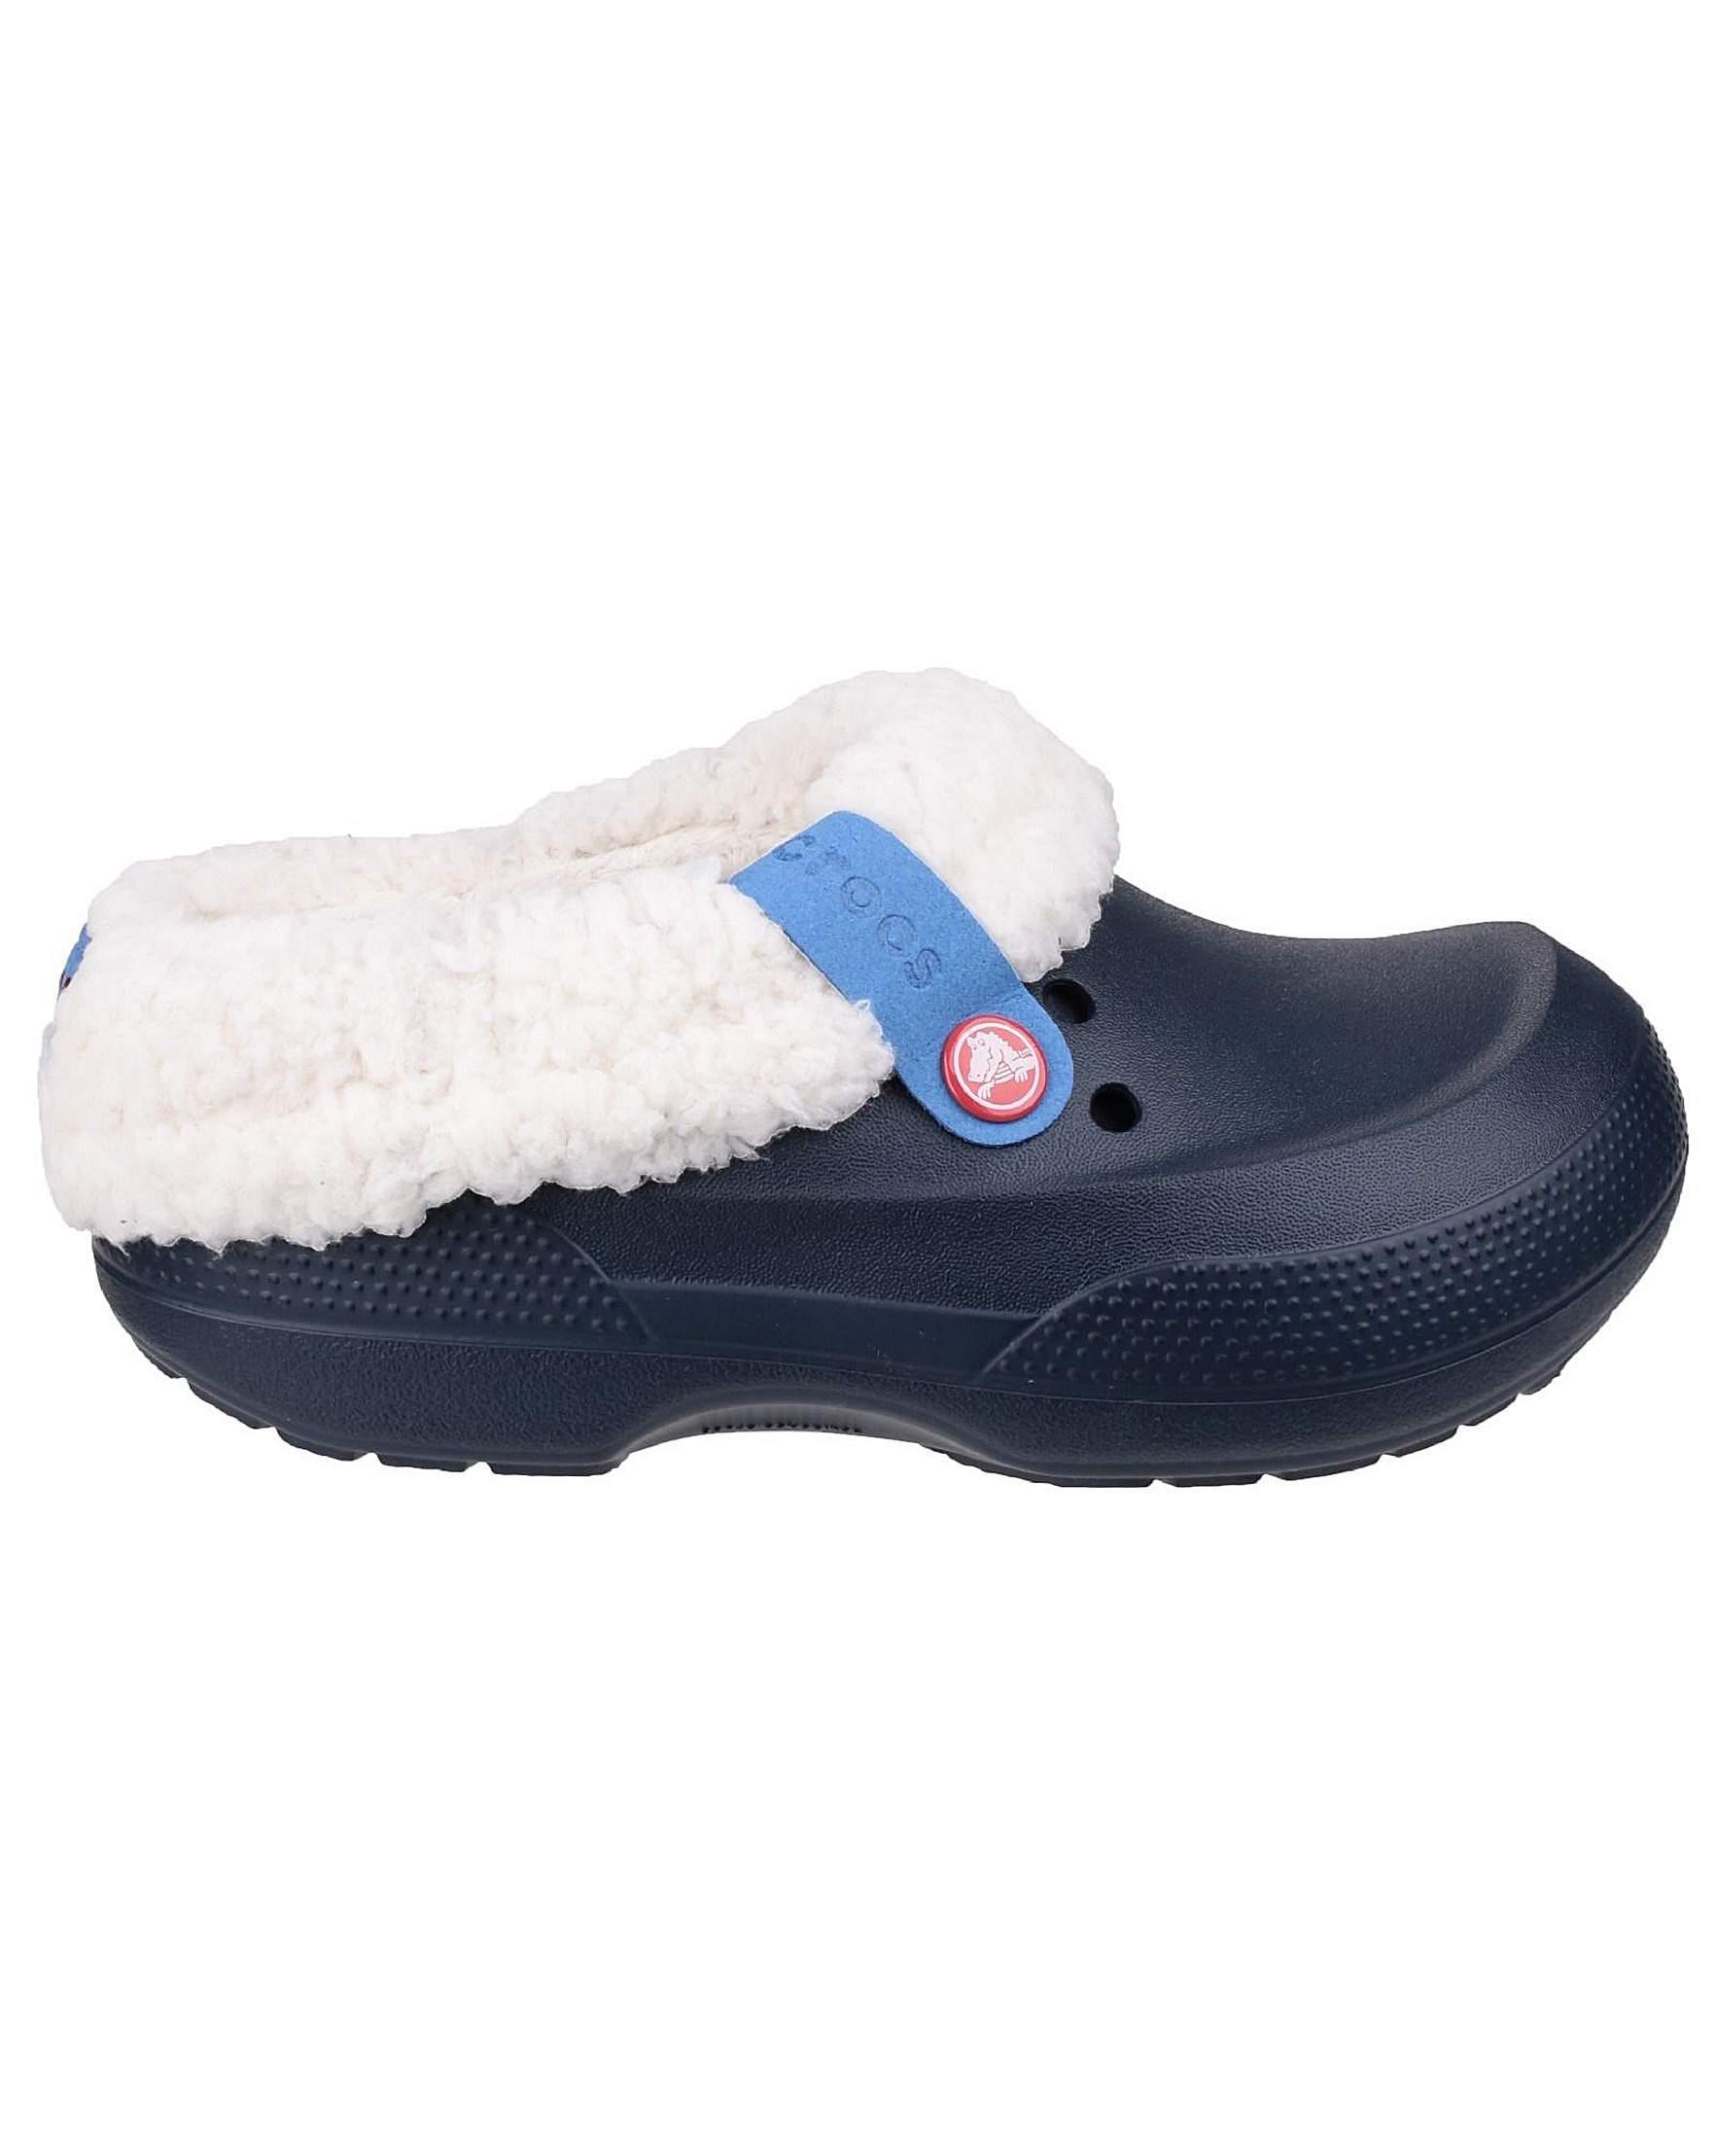 32ef4465c Crocs™ Blitzen Ii Kids Mule Slippers in Blue - Lyst